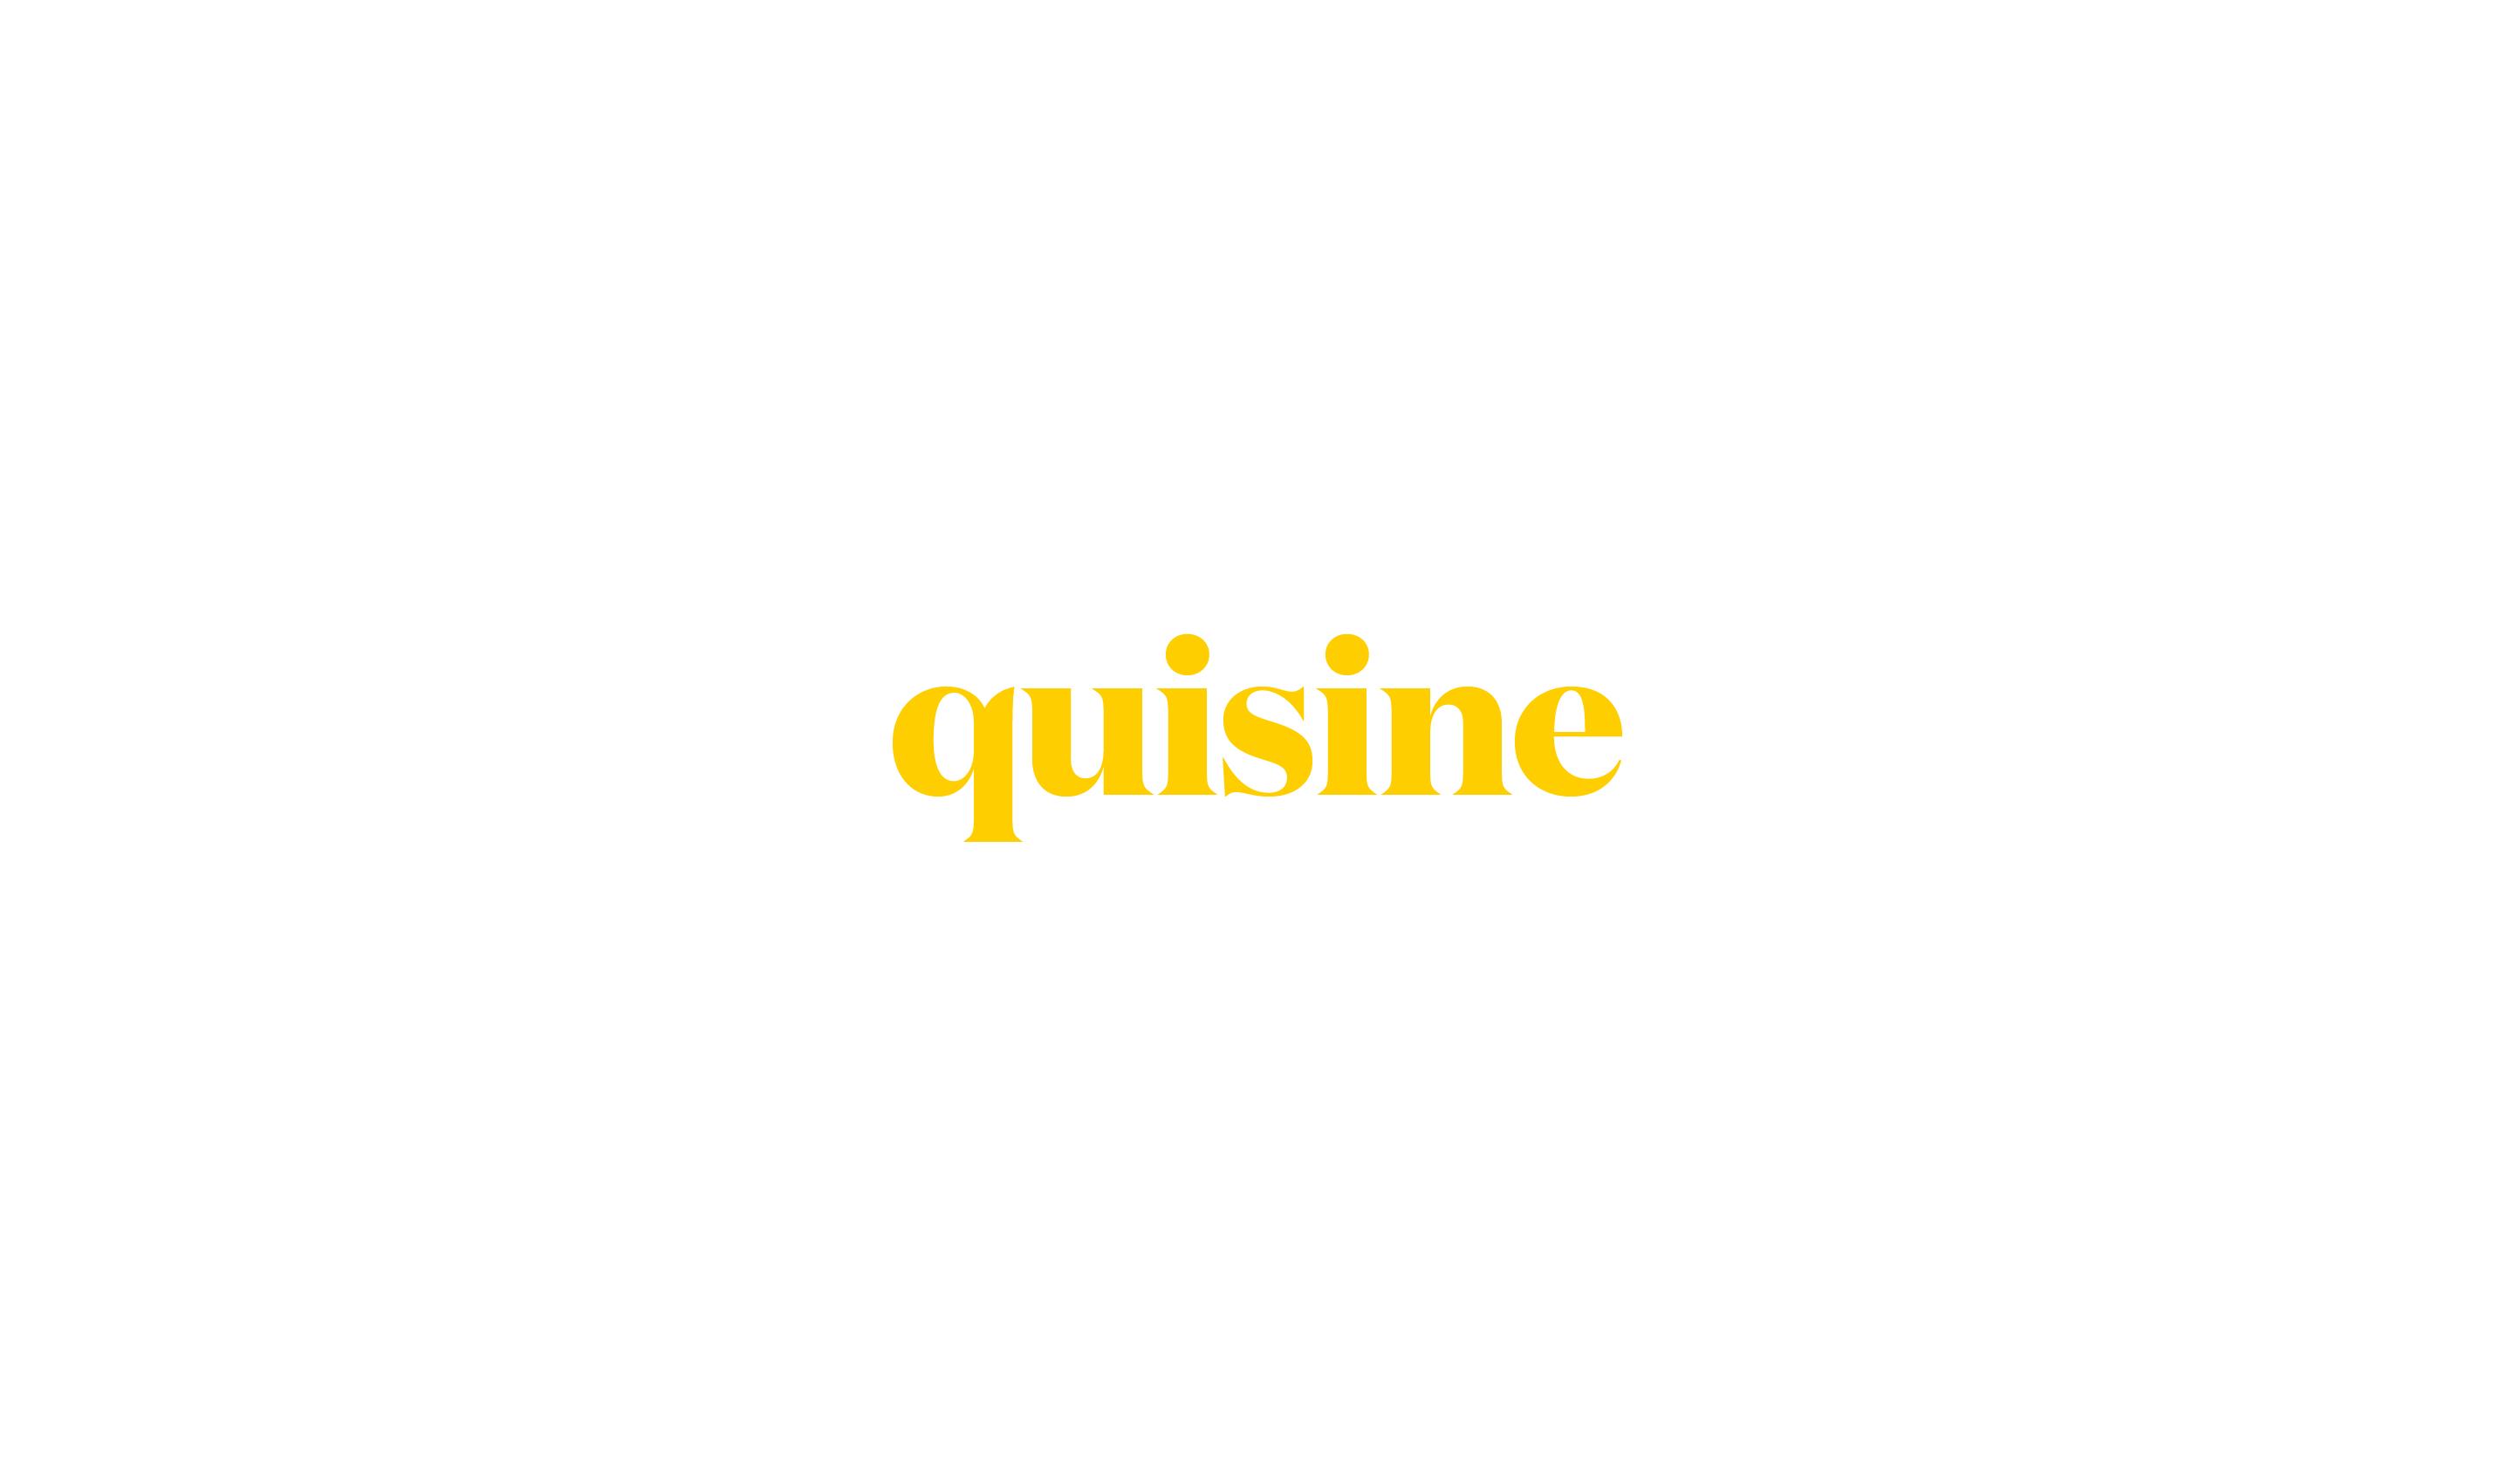 qusine logo design